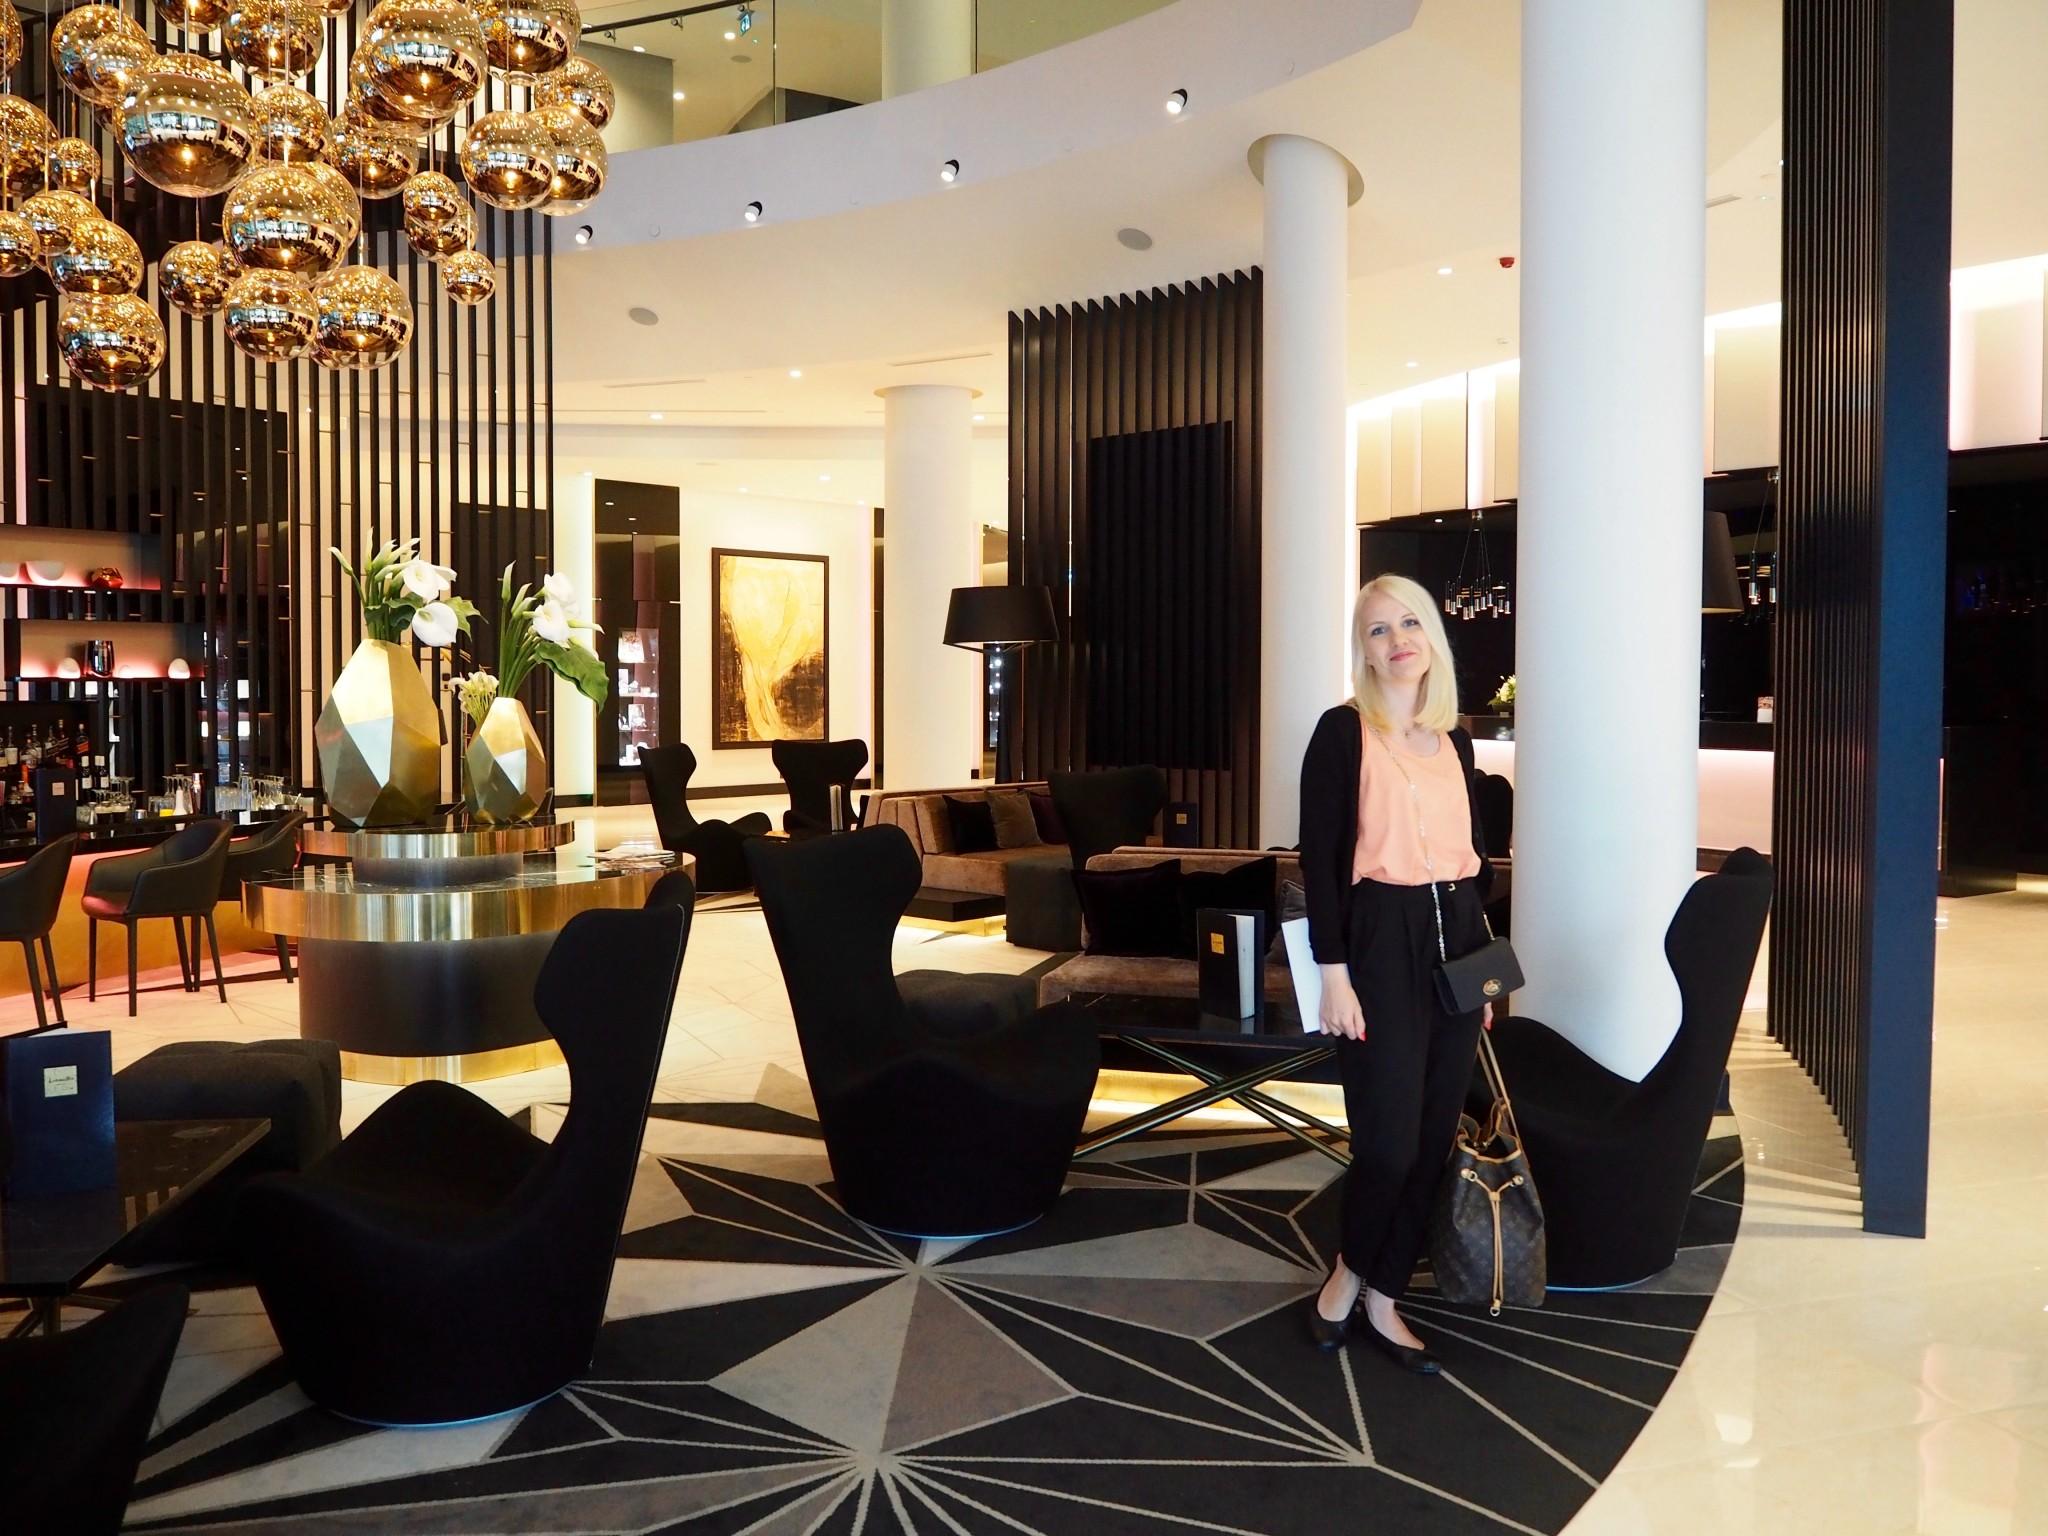 Hilton Tallinn Park hotelli Tallinna aula